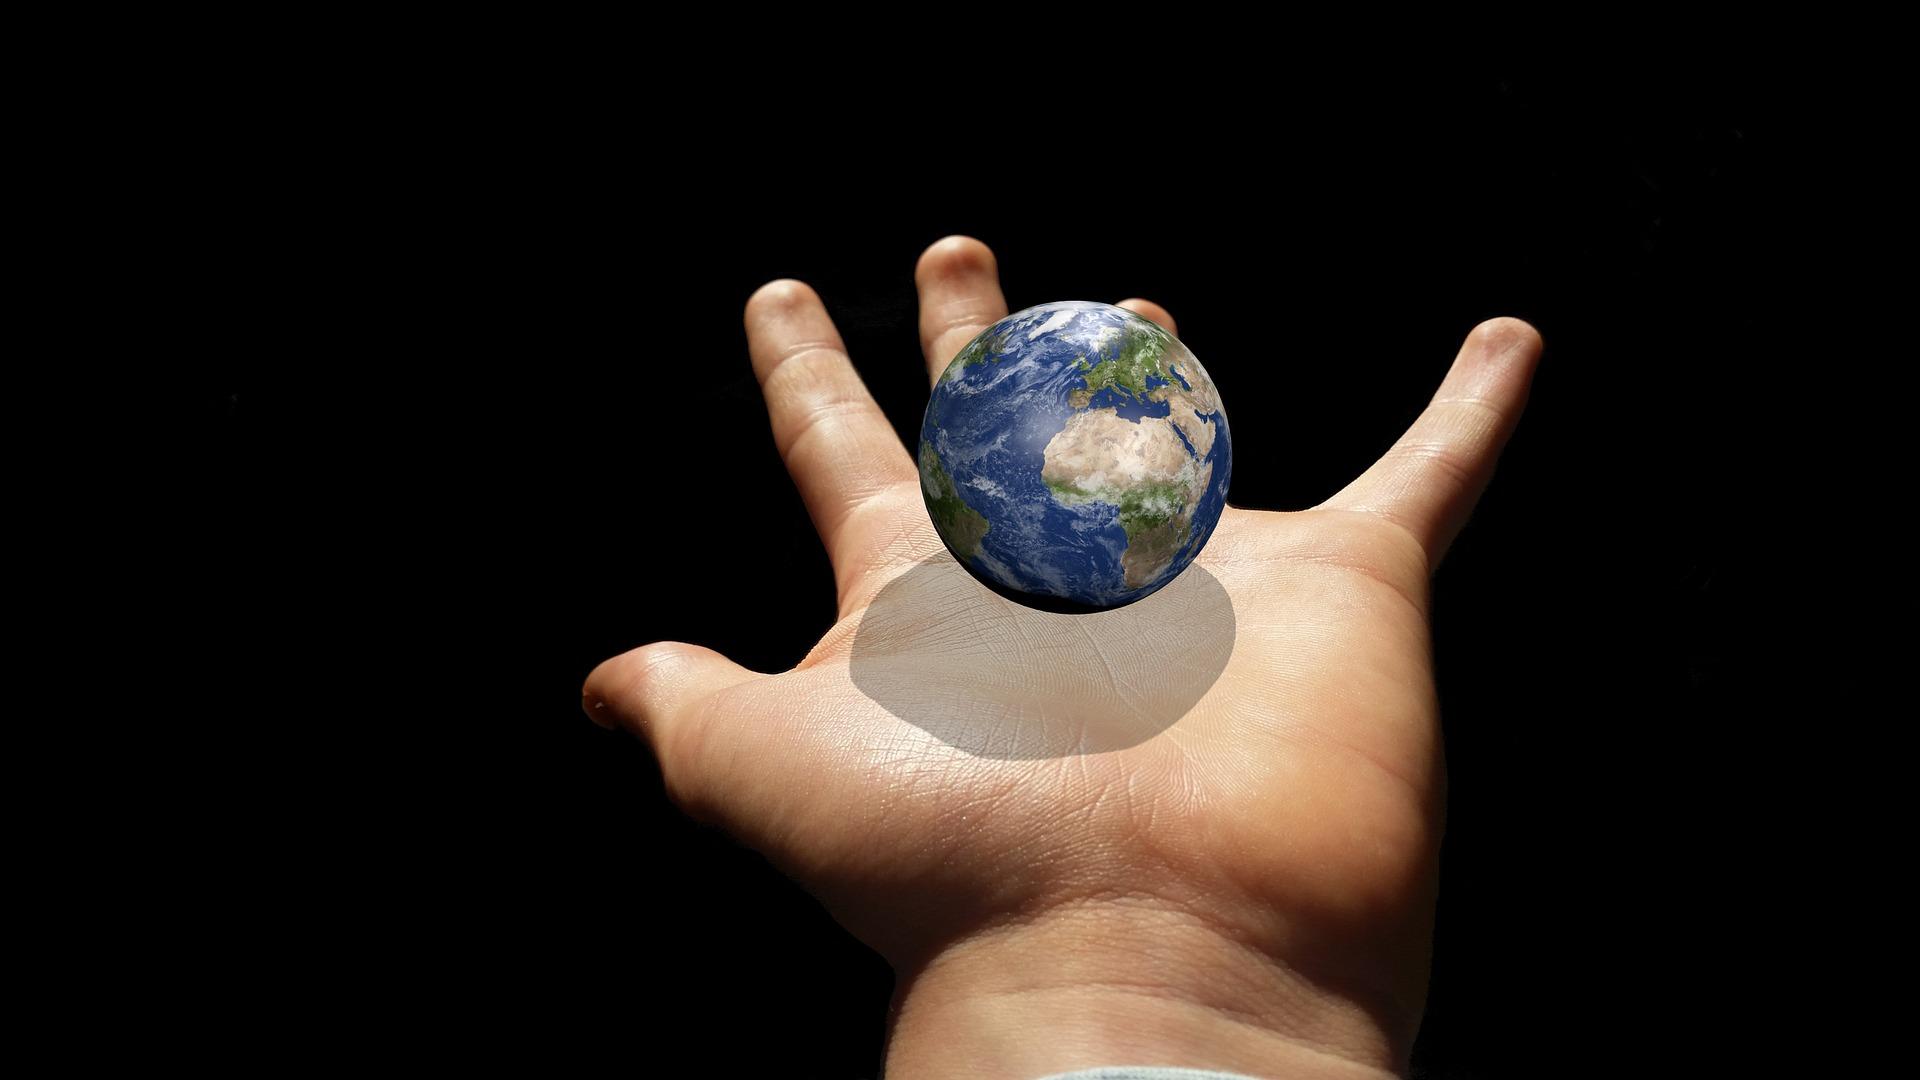 copii noi lume- sfatulparintilor.ro - pixabay_com